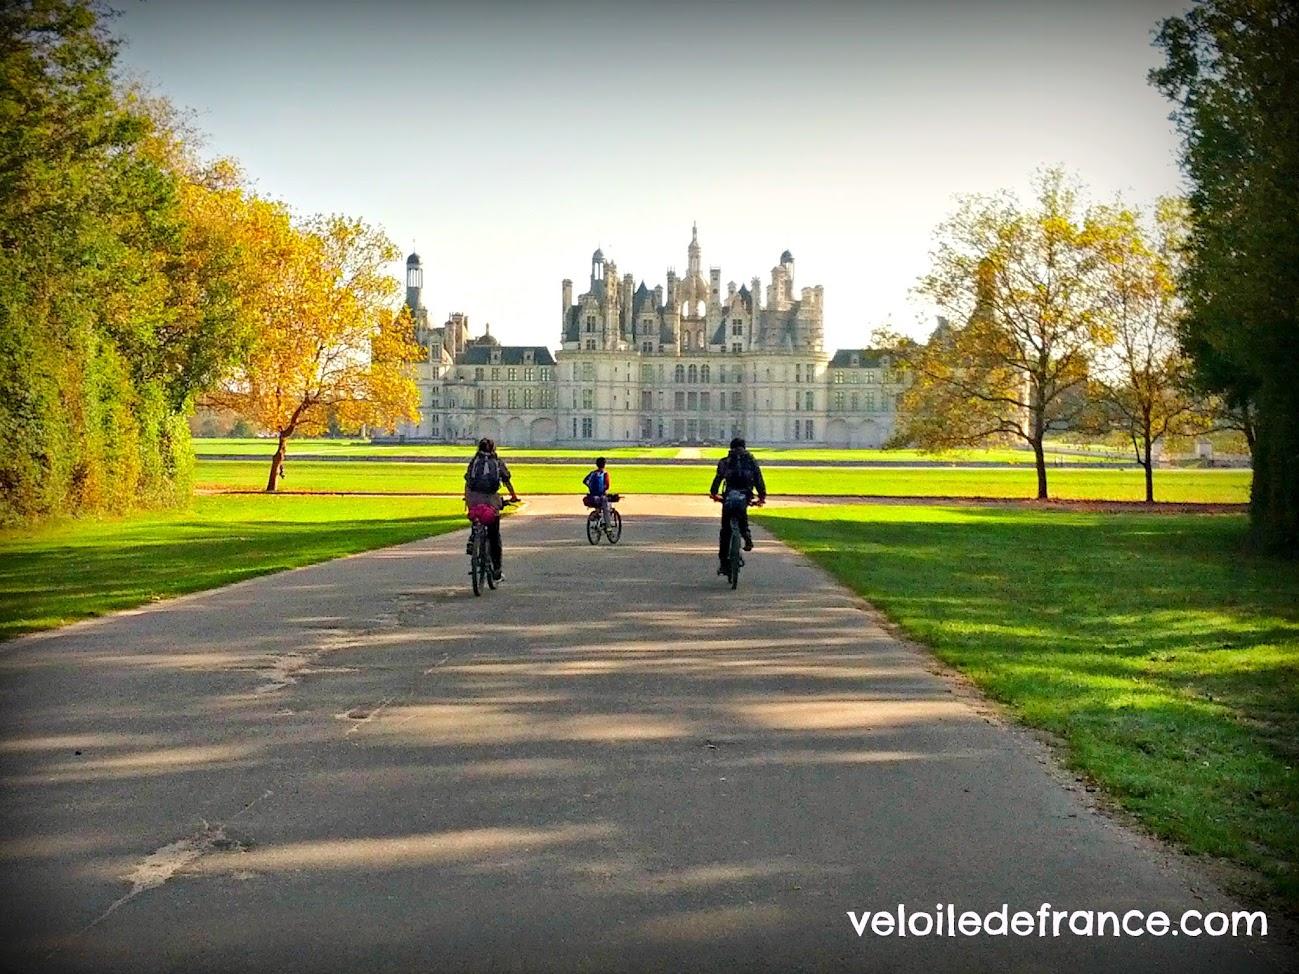 Circuit à vélo de Blois au château de Chambord par veloiledefrance.com